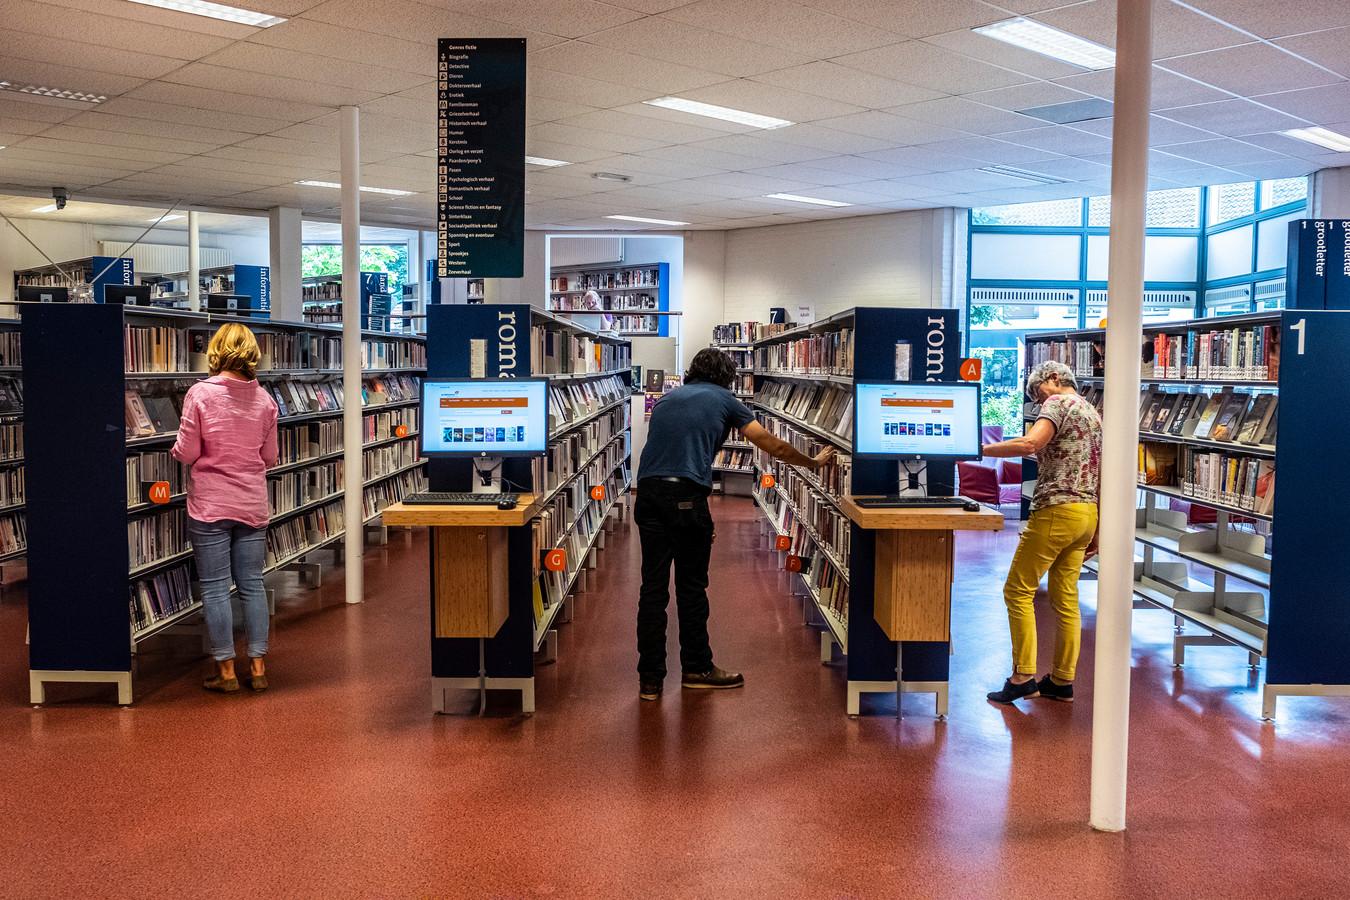 De huidige bibliotheek in cultureel centrum De Mallemolen.